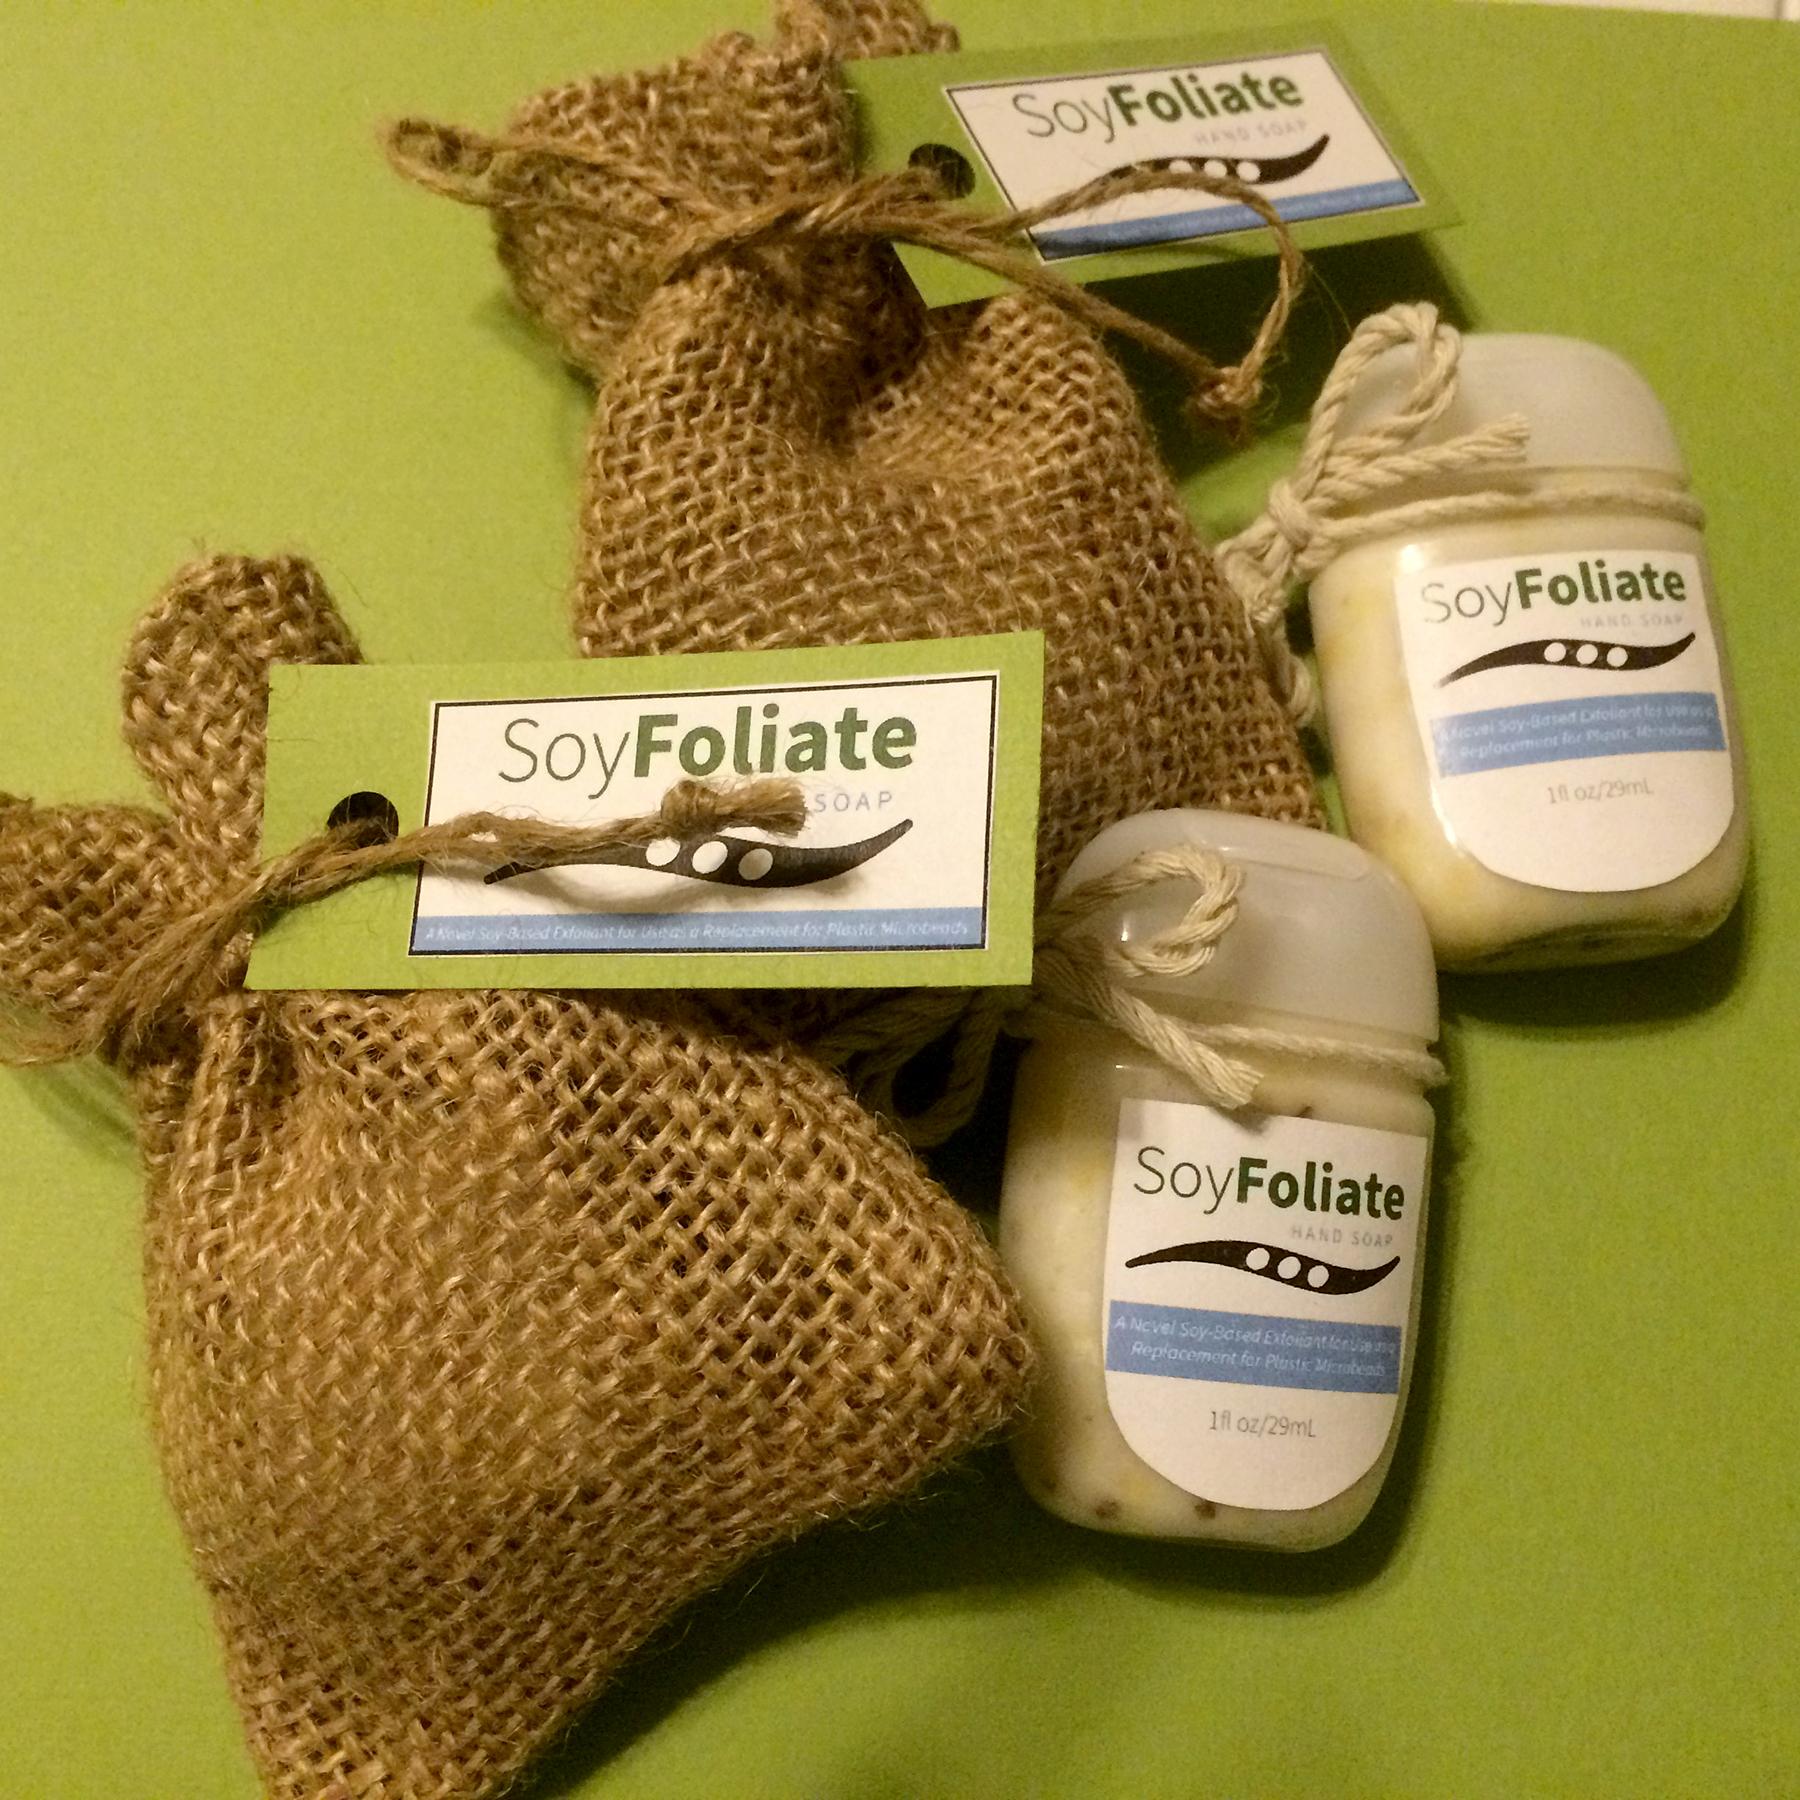 SoyFoliate packaging